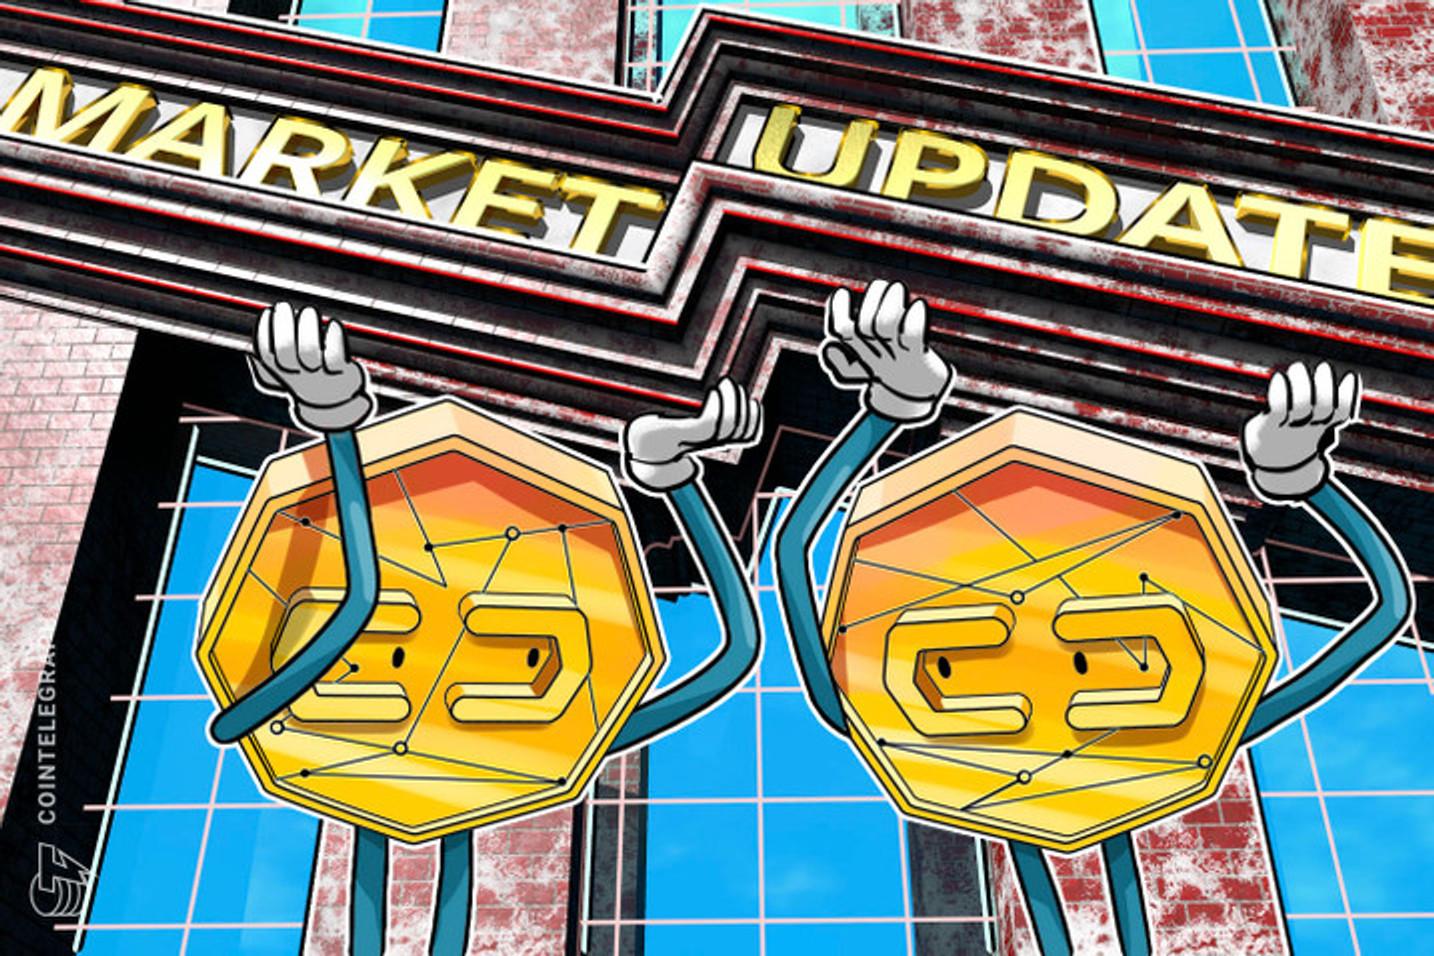 'Não vendam nos momentos de queda', diz Hashdex a investidores sobre crash no mercado de criptomoedas